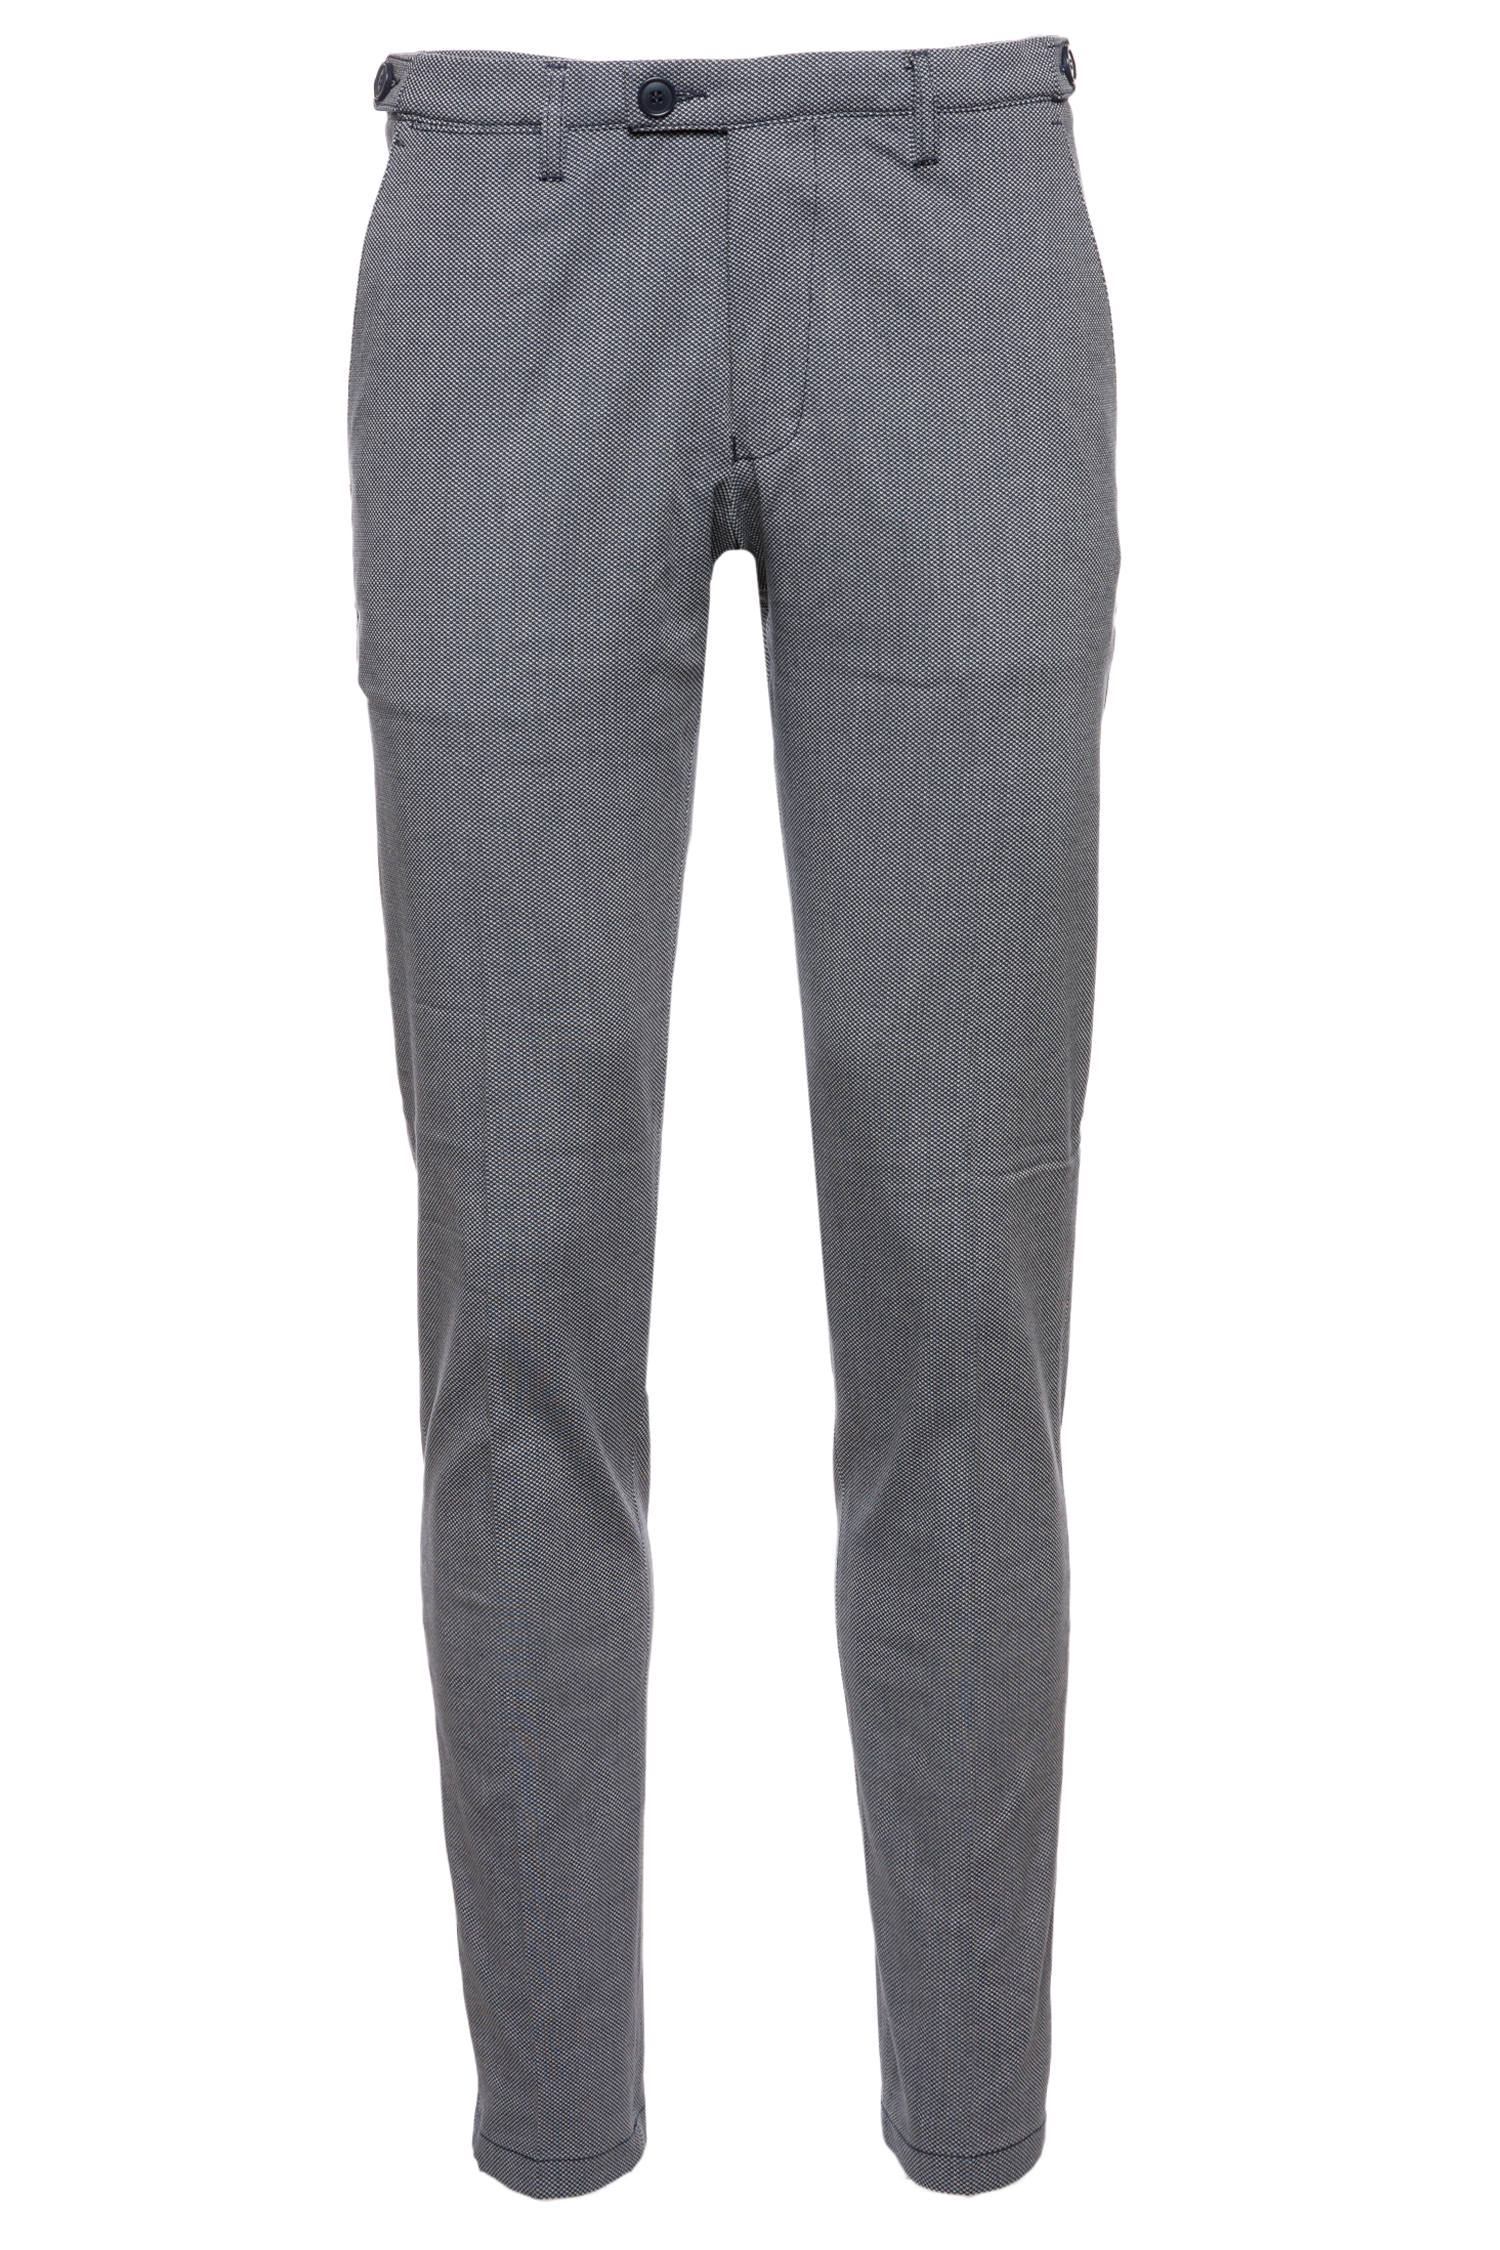 Hosen für Herren von DRYKORN   EGO IST Onlineshop 1aafe22967